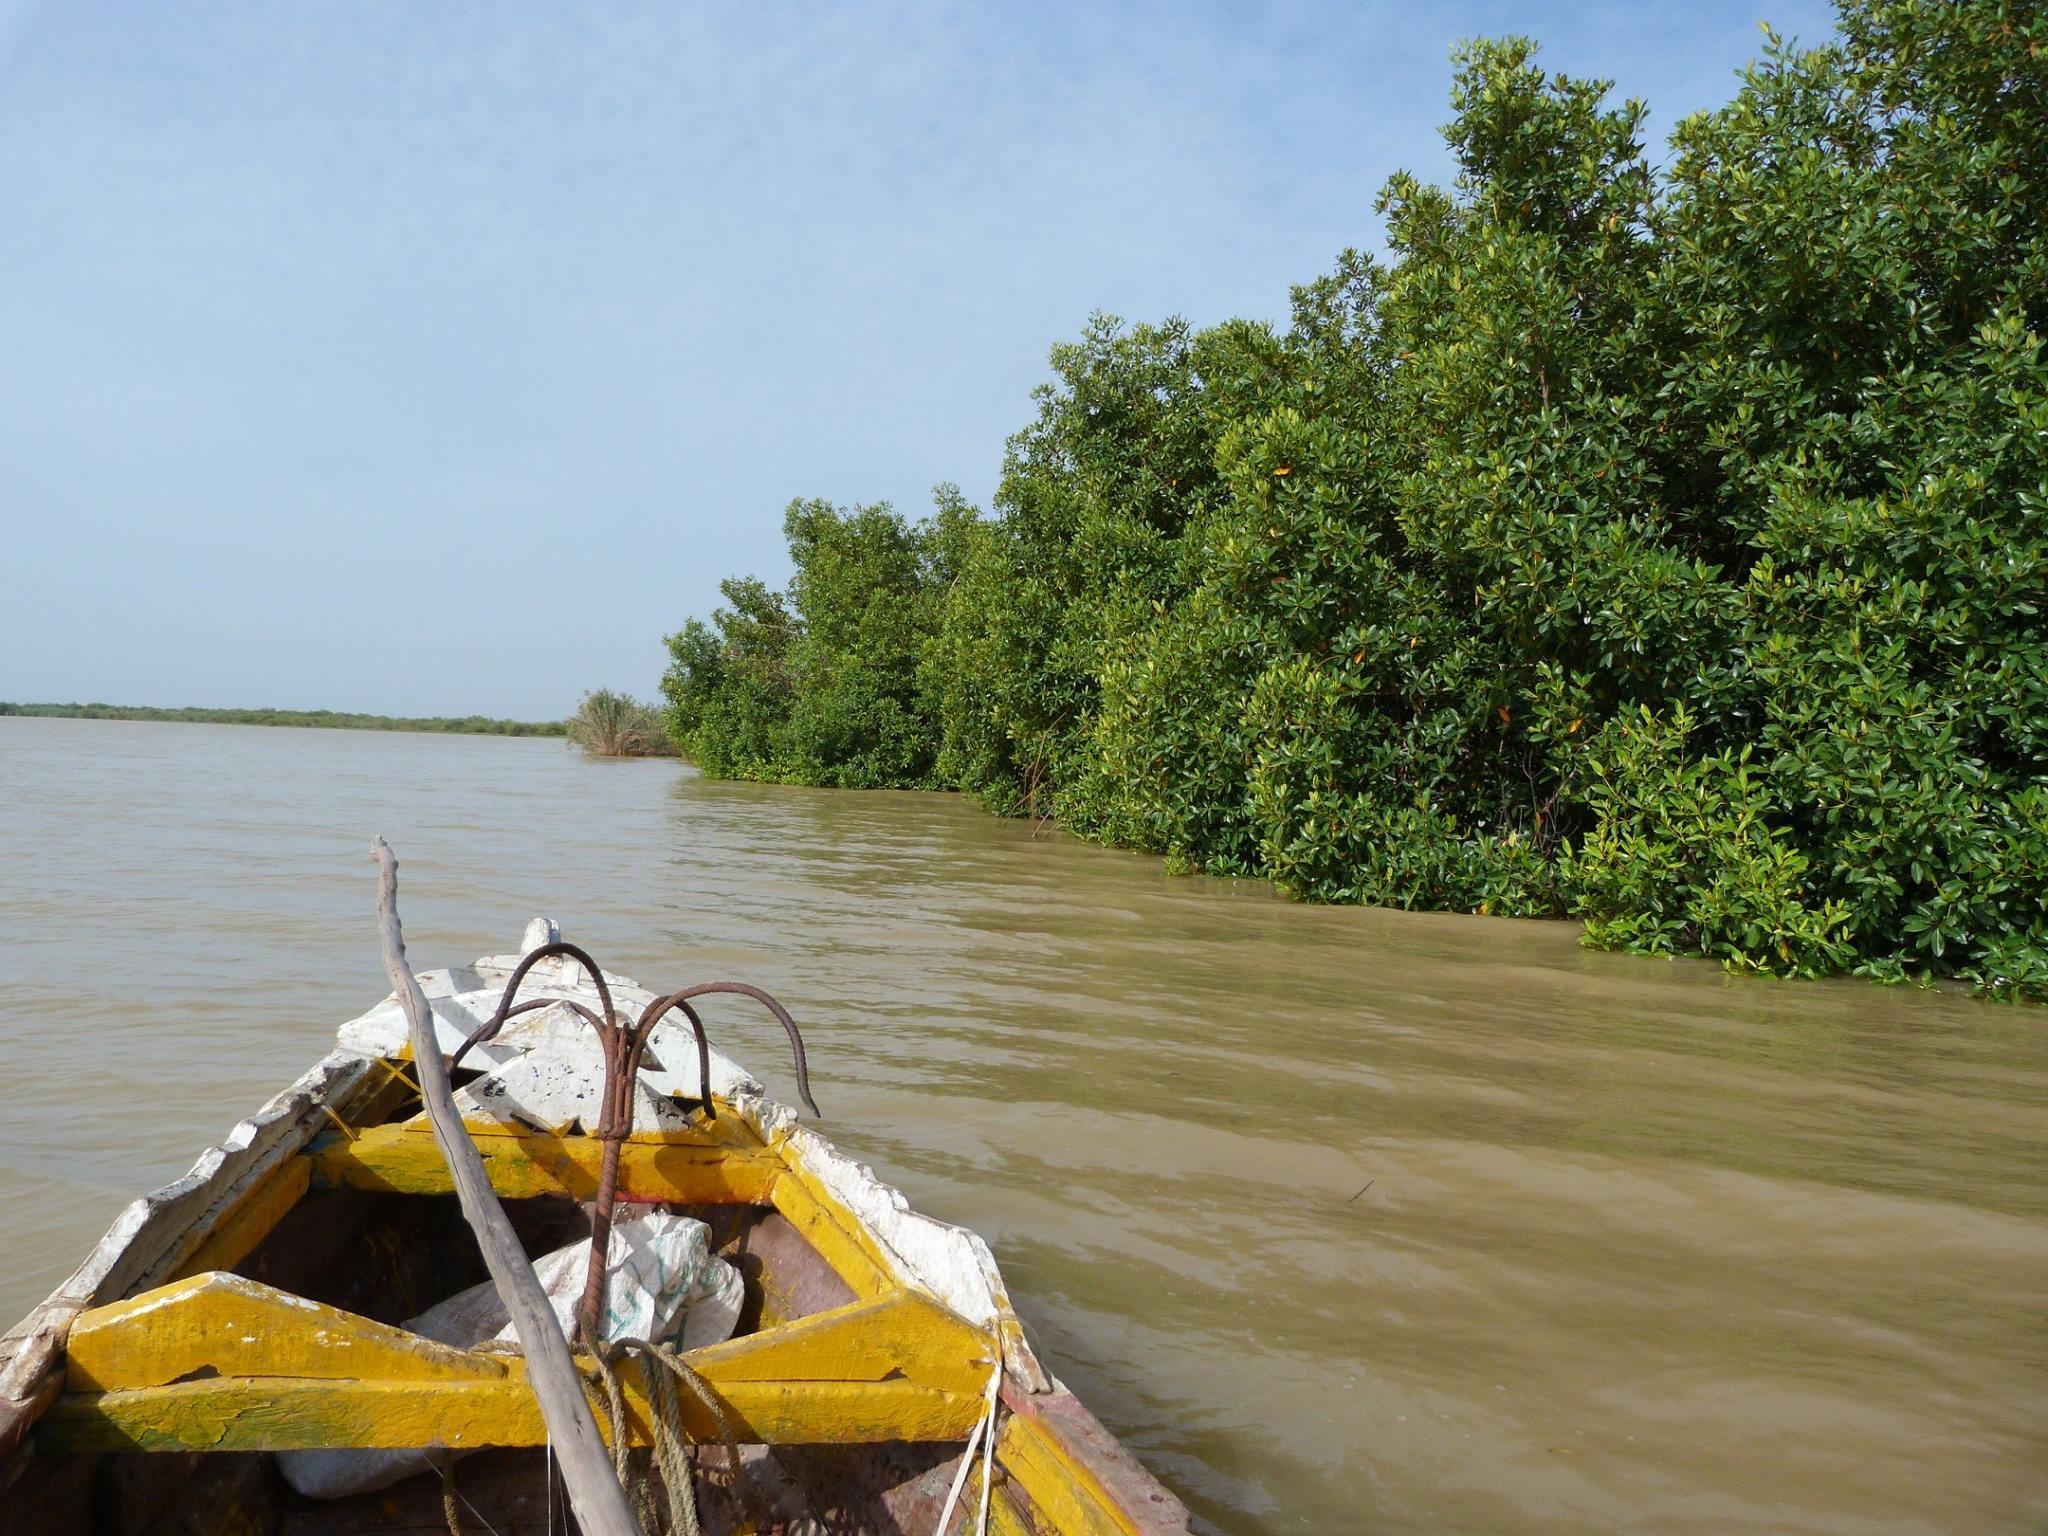 Mangrove Bango Saint-Louis Sénéga